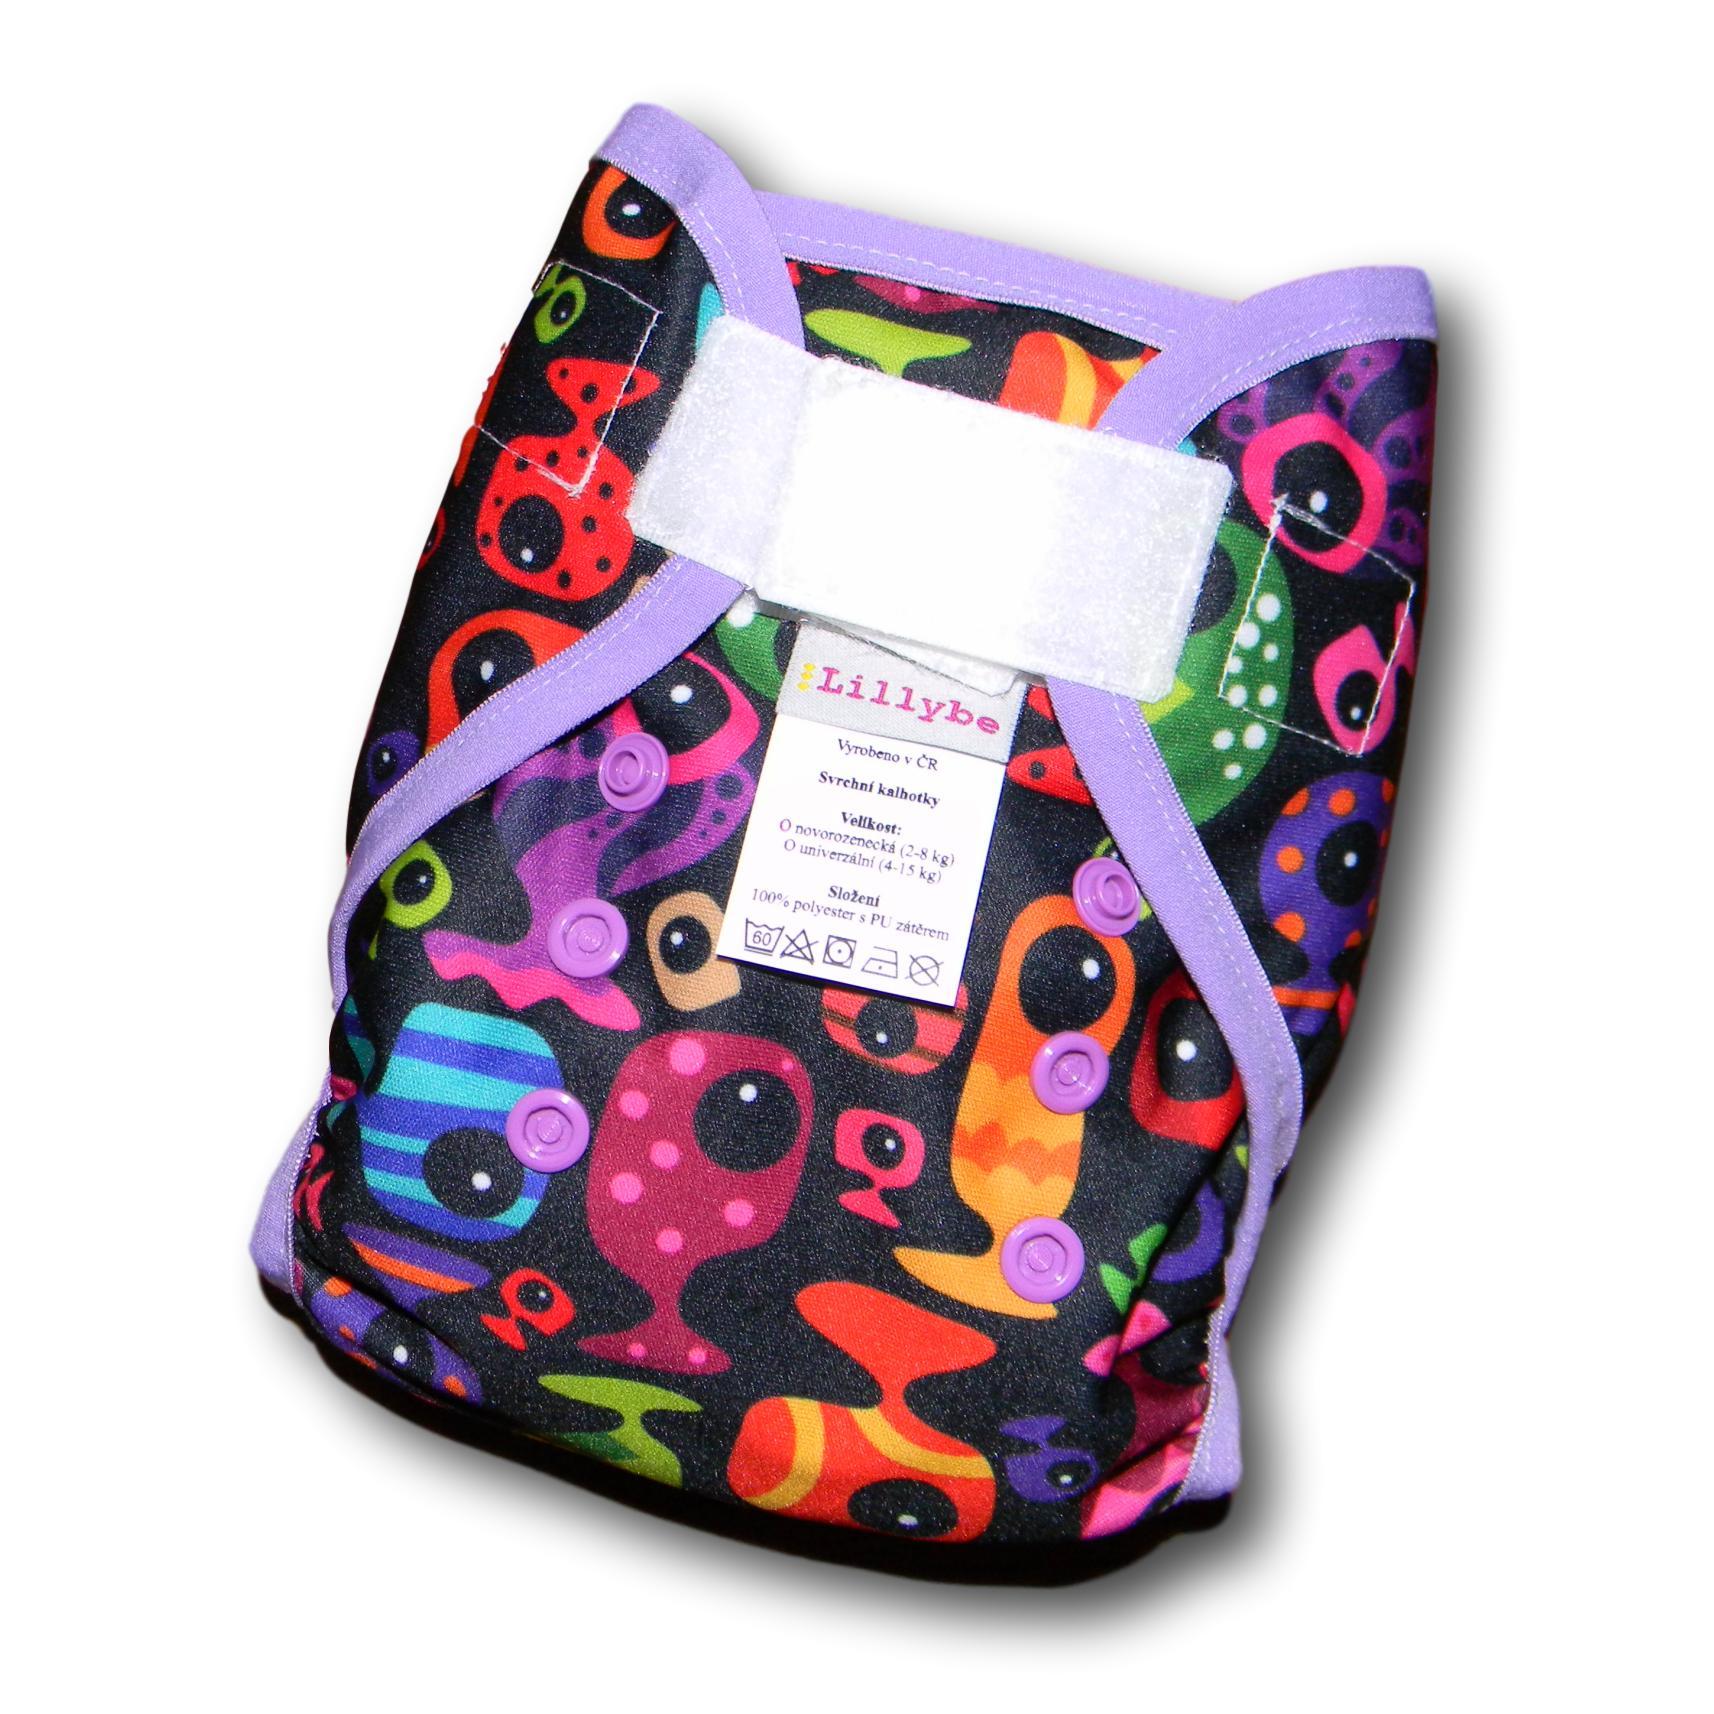 Svrchní kalhotky novorozenecké Lillybe SZ. rybky do fialova 1 (Novorozenecké svrchní kalhotky 2-9 kg)